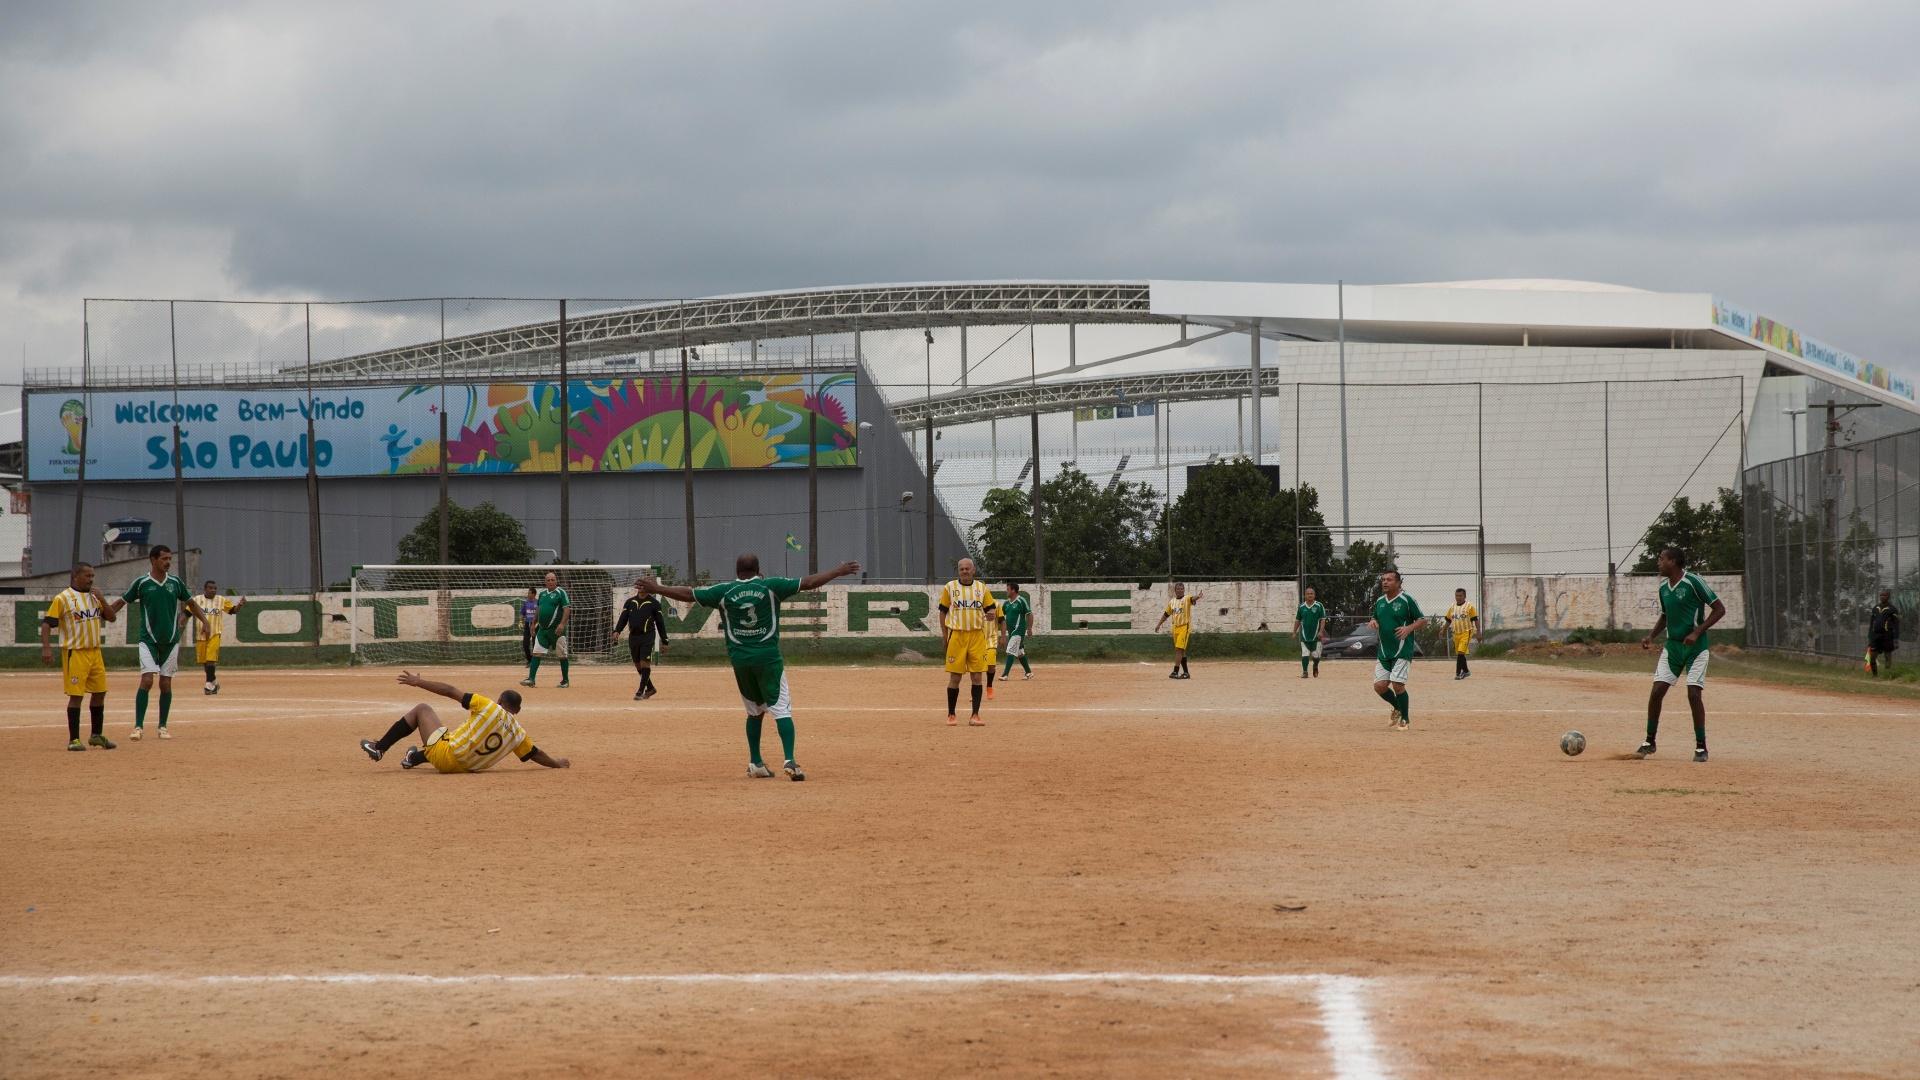 Em São Paulo, o estádio do Corinthians fica ao lado de uma série de terrões em Arthur Alvim